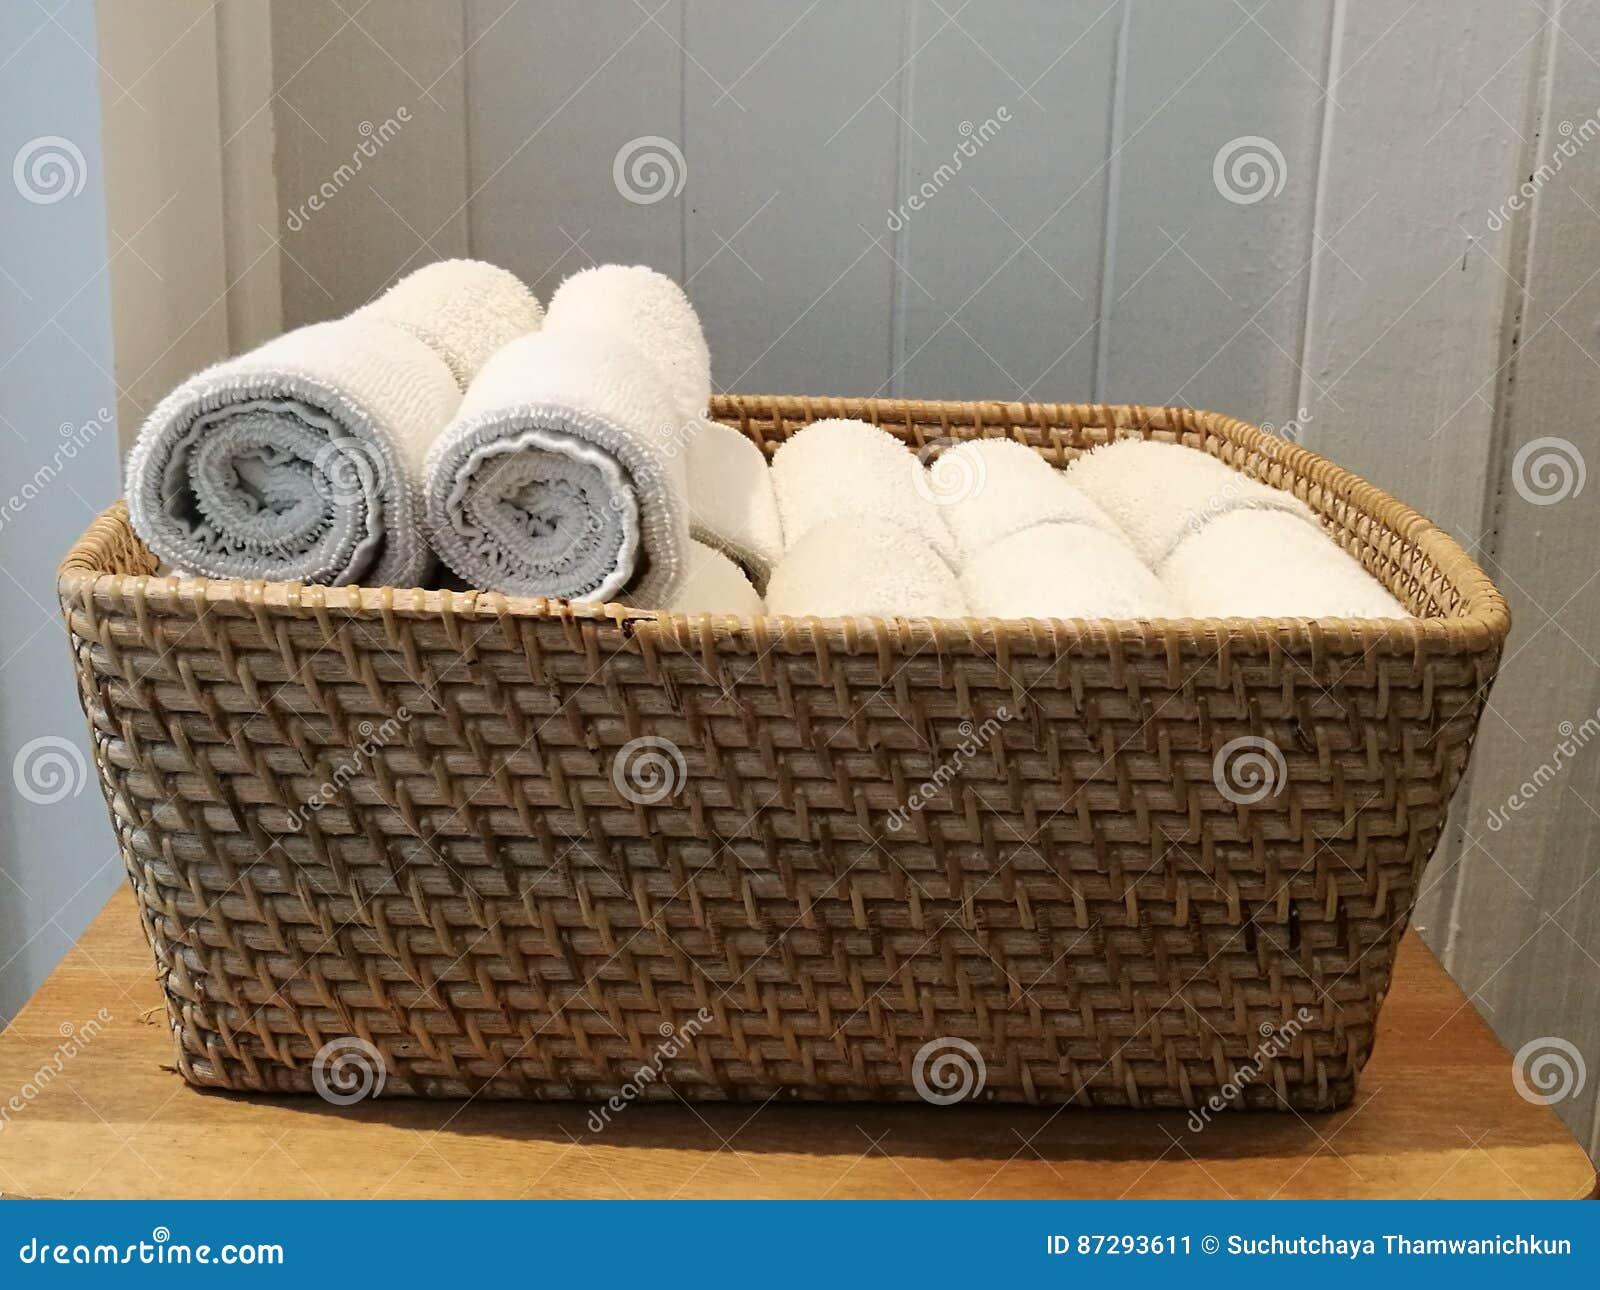 Stapel Des Stoffes, Handtuch, Serviette, Taschentuch Auf Dem Korb Im ...